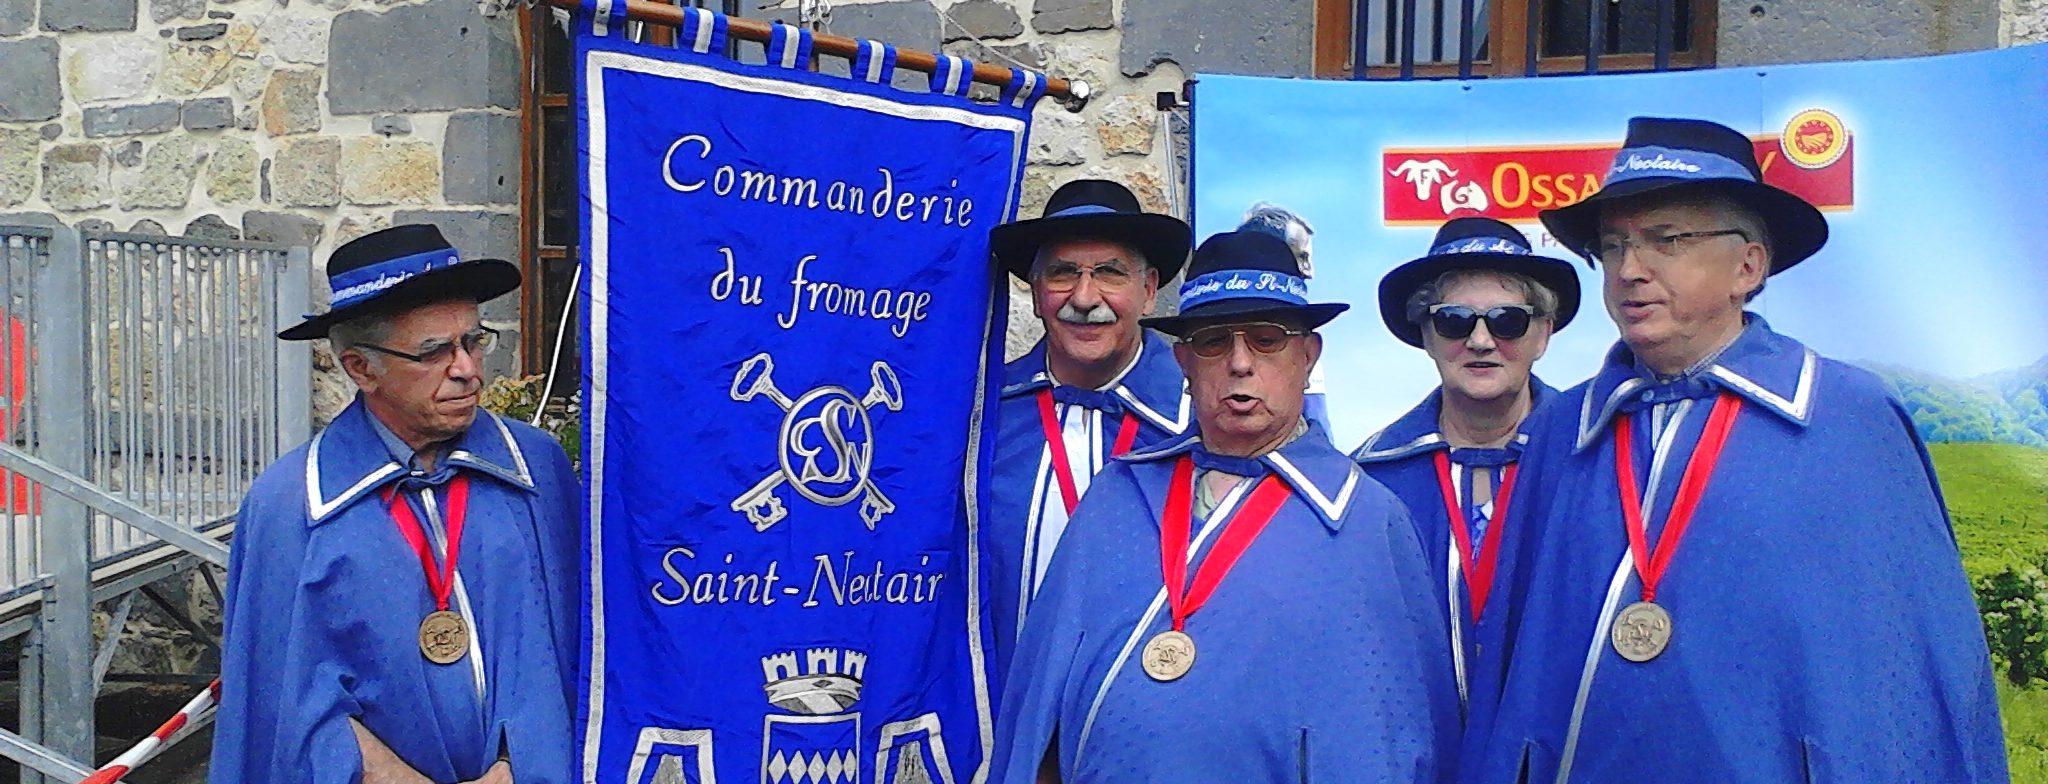 La commanderie du fromage Saint Nectaire